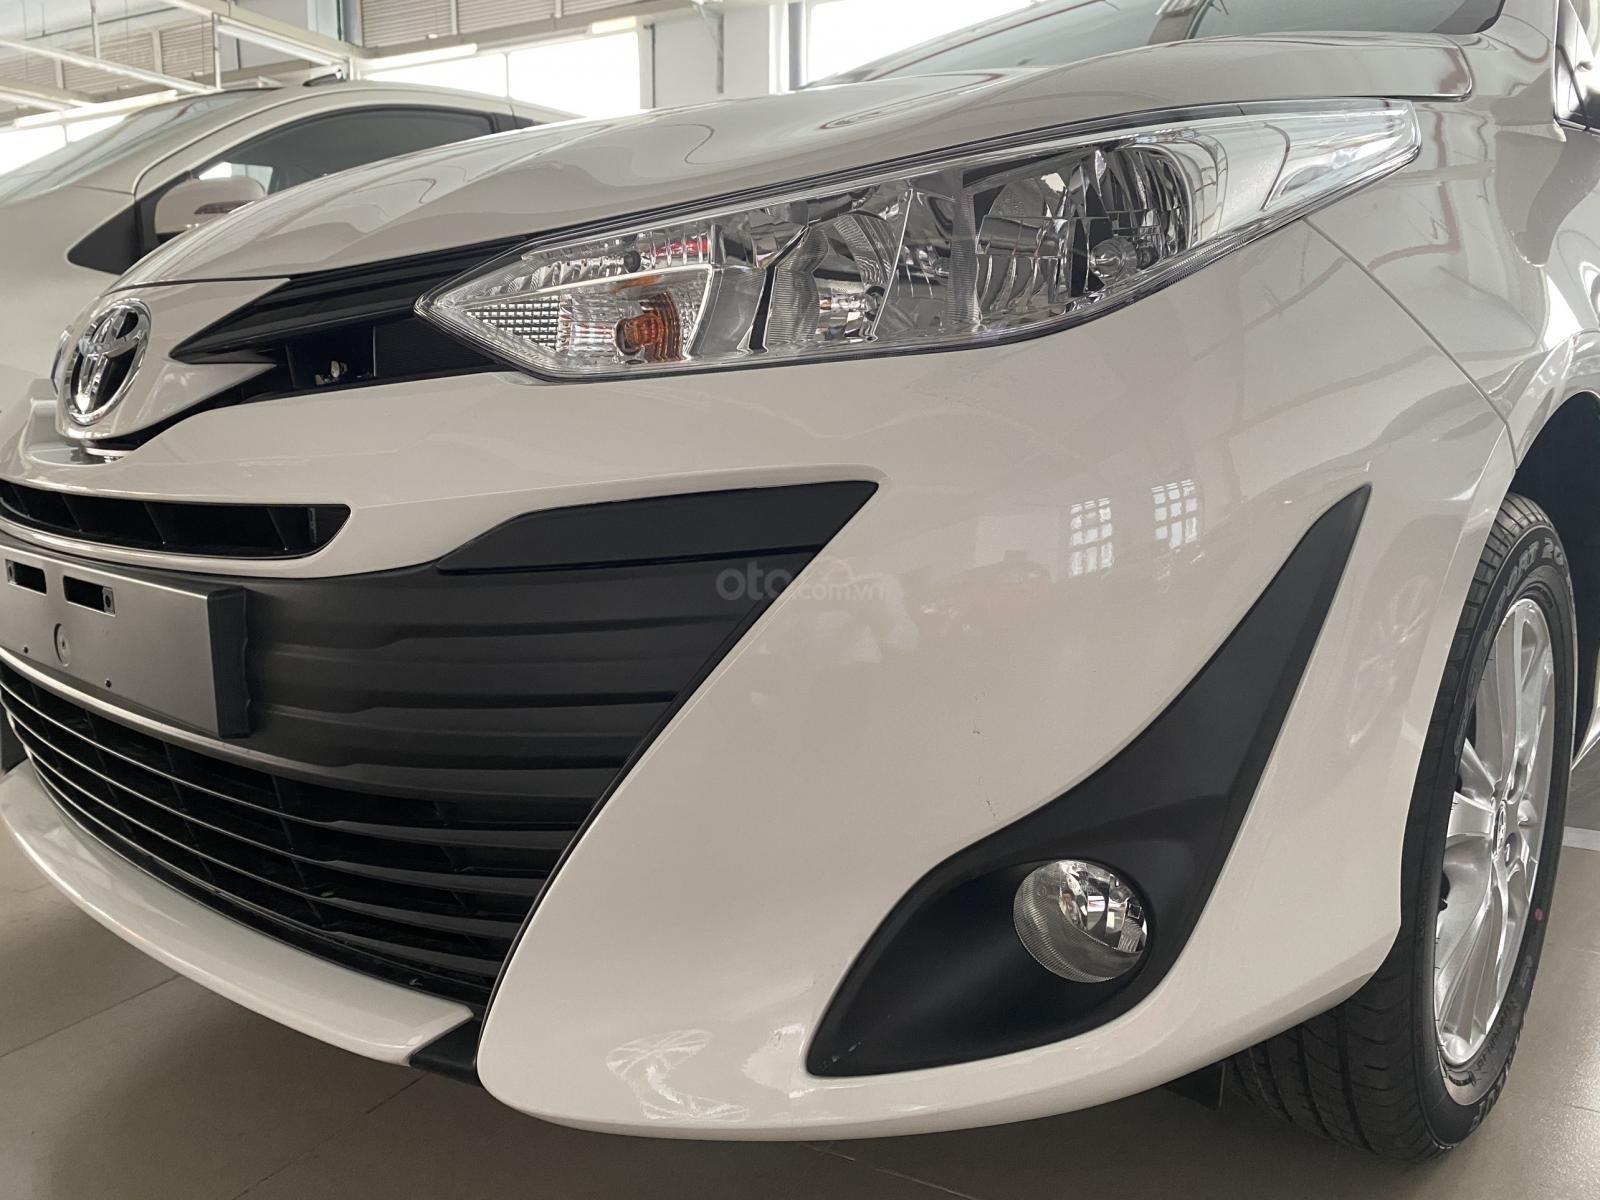 Bán Toyota Vios New 2020 full đồ chơi chính hãng - 0908222277 khuyến mãi bảo hiểm thân xe (3)